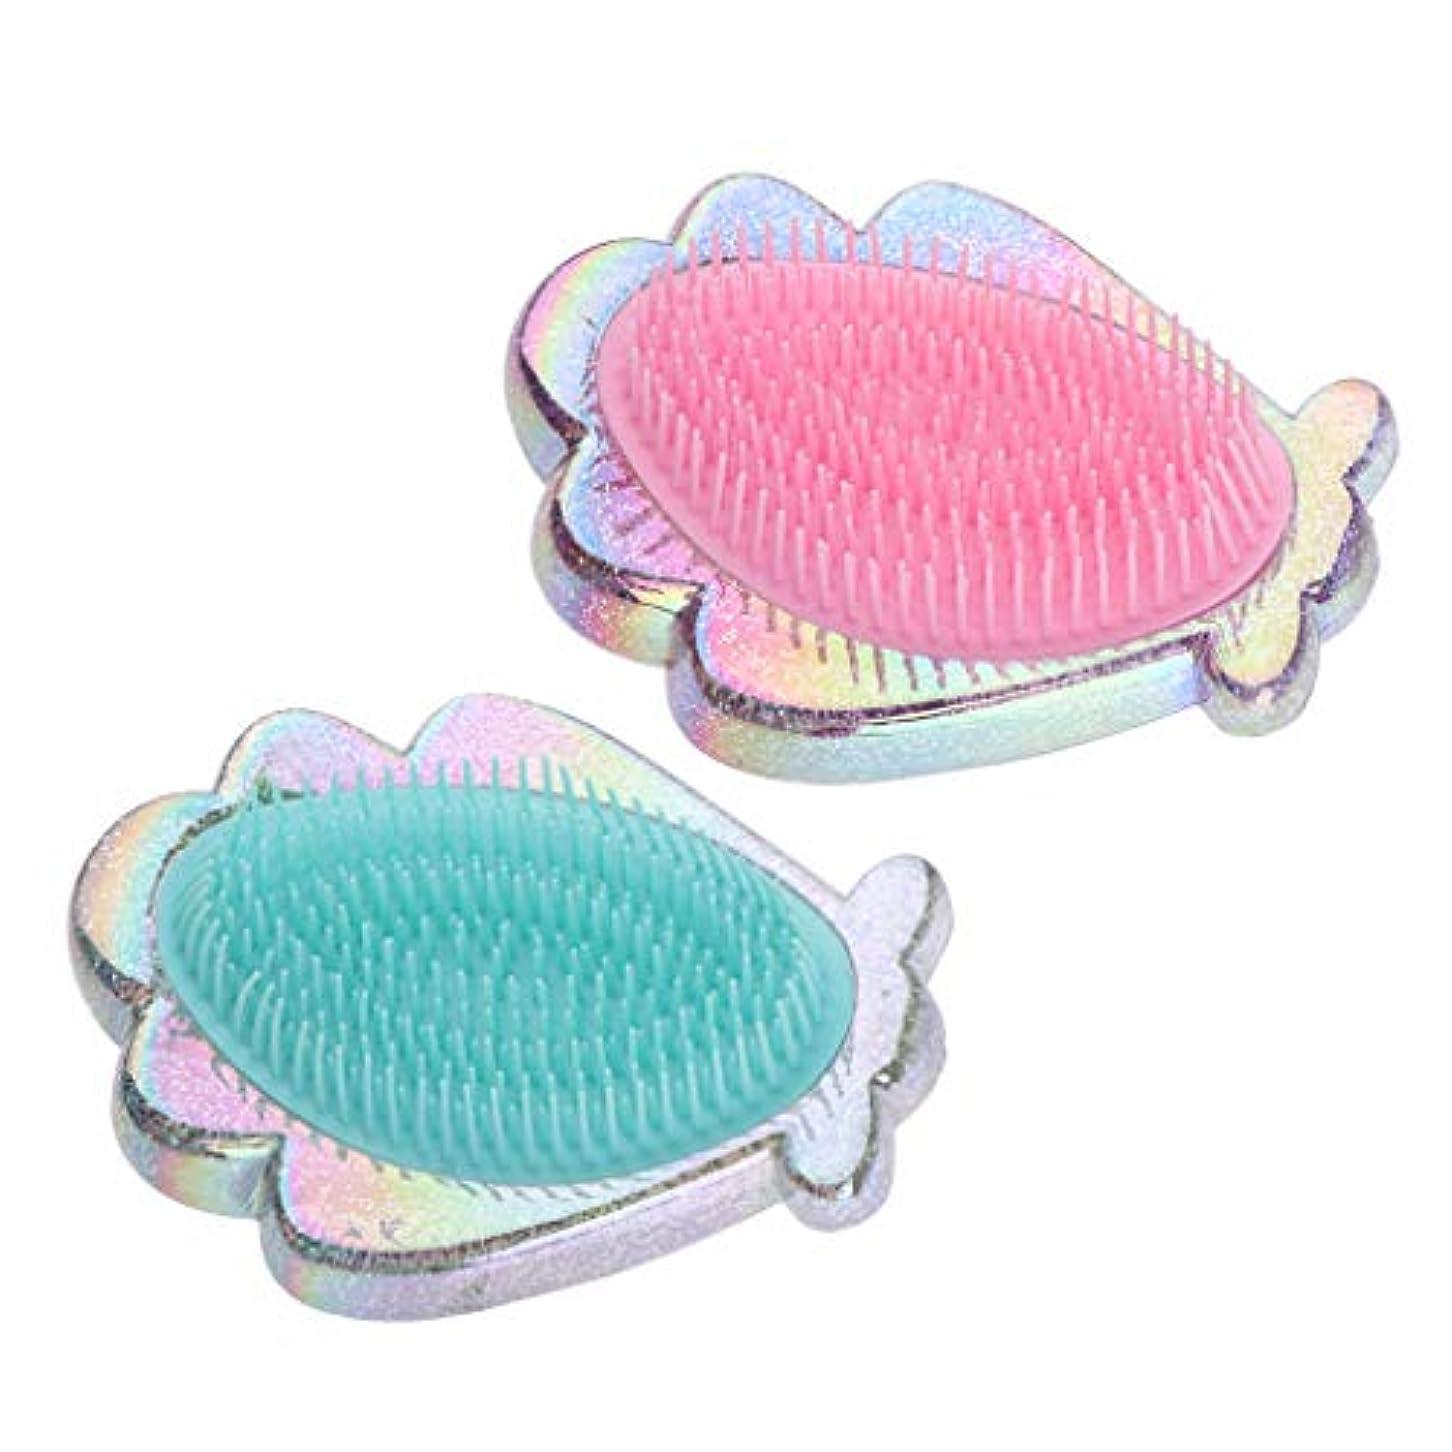 変換する万一に備えてビュッフェコーム ヘアコーム ヘアブラシ 静電気防止 プラスチック製 女性用 2個パック